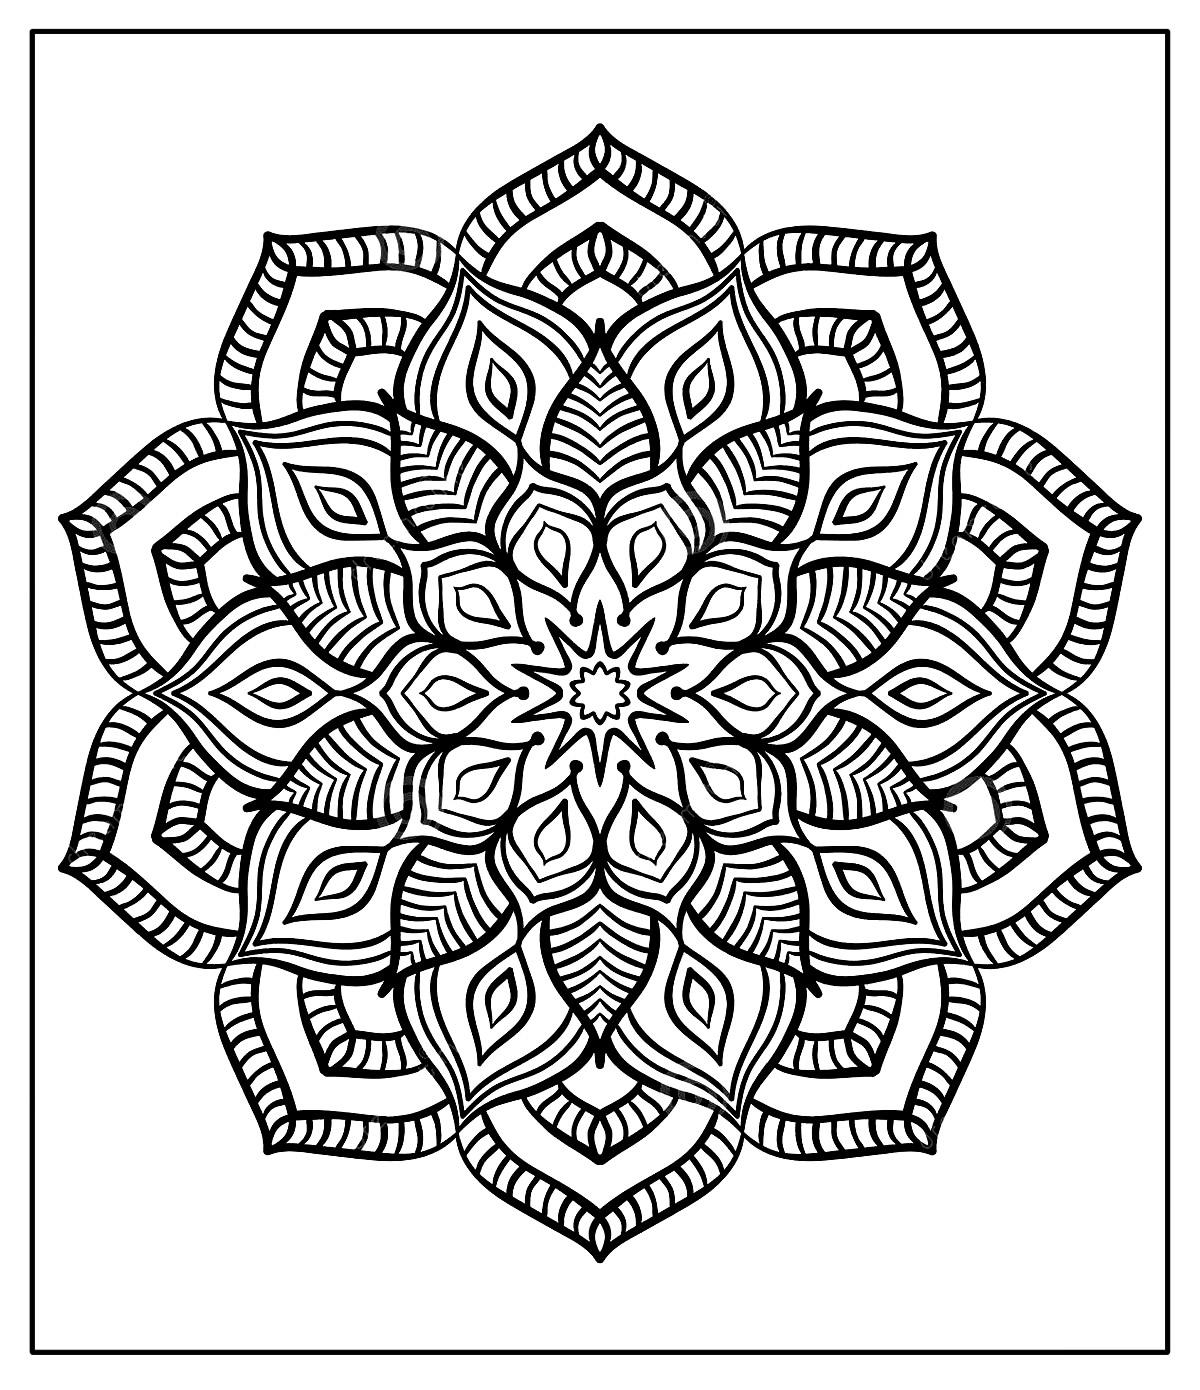 Página de colorir de Mandala